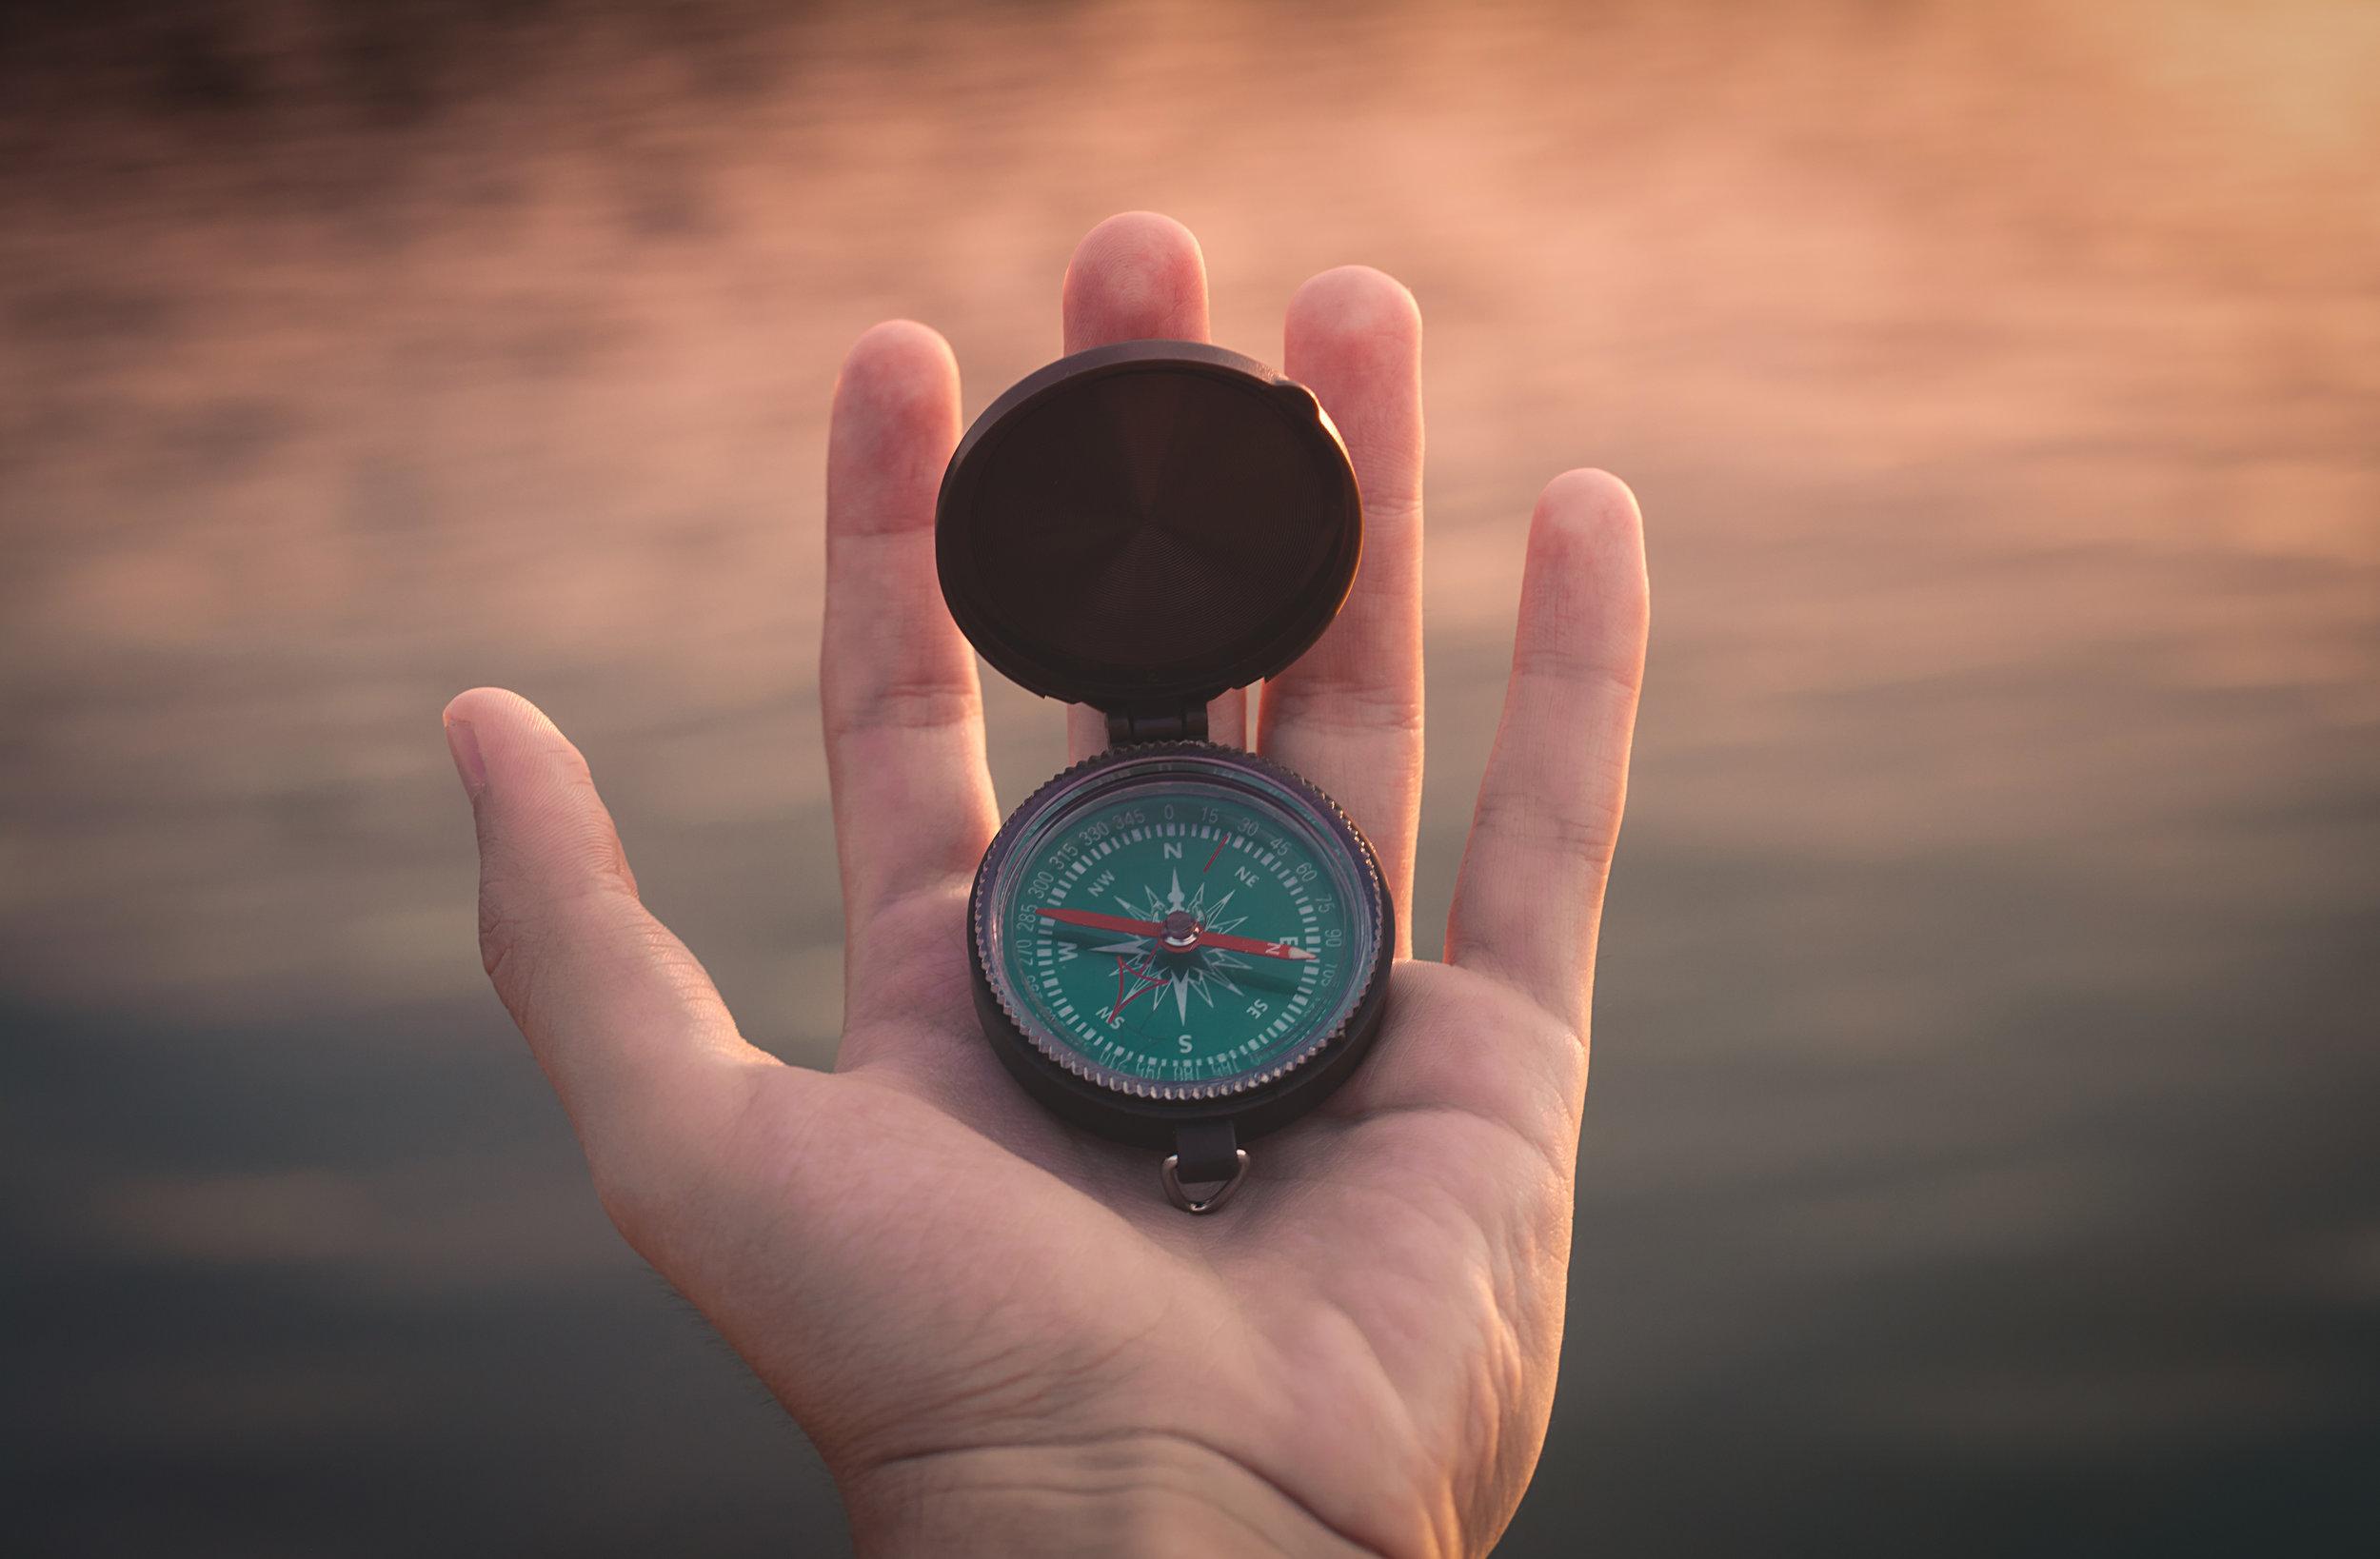 「強力な武器」をあなたに   管理や開発は大海原を何も持たずに航海するようなもの。  心強い味方を携えて最短距離で業務の完遂を